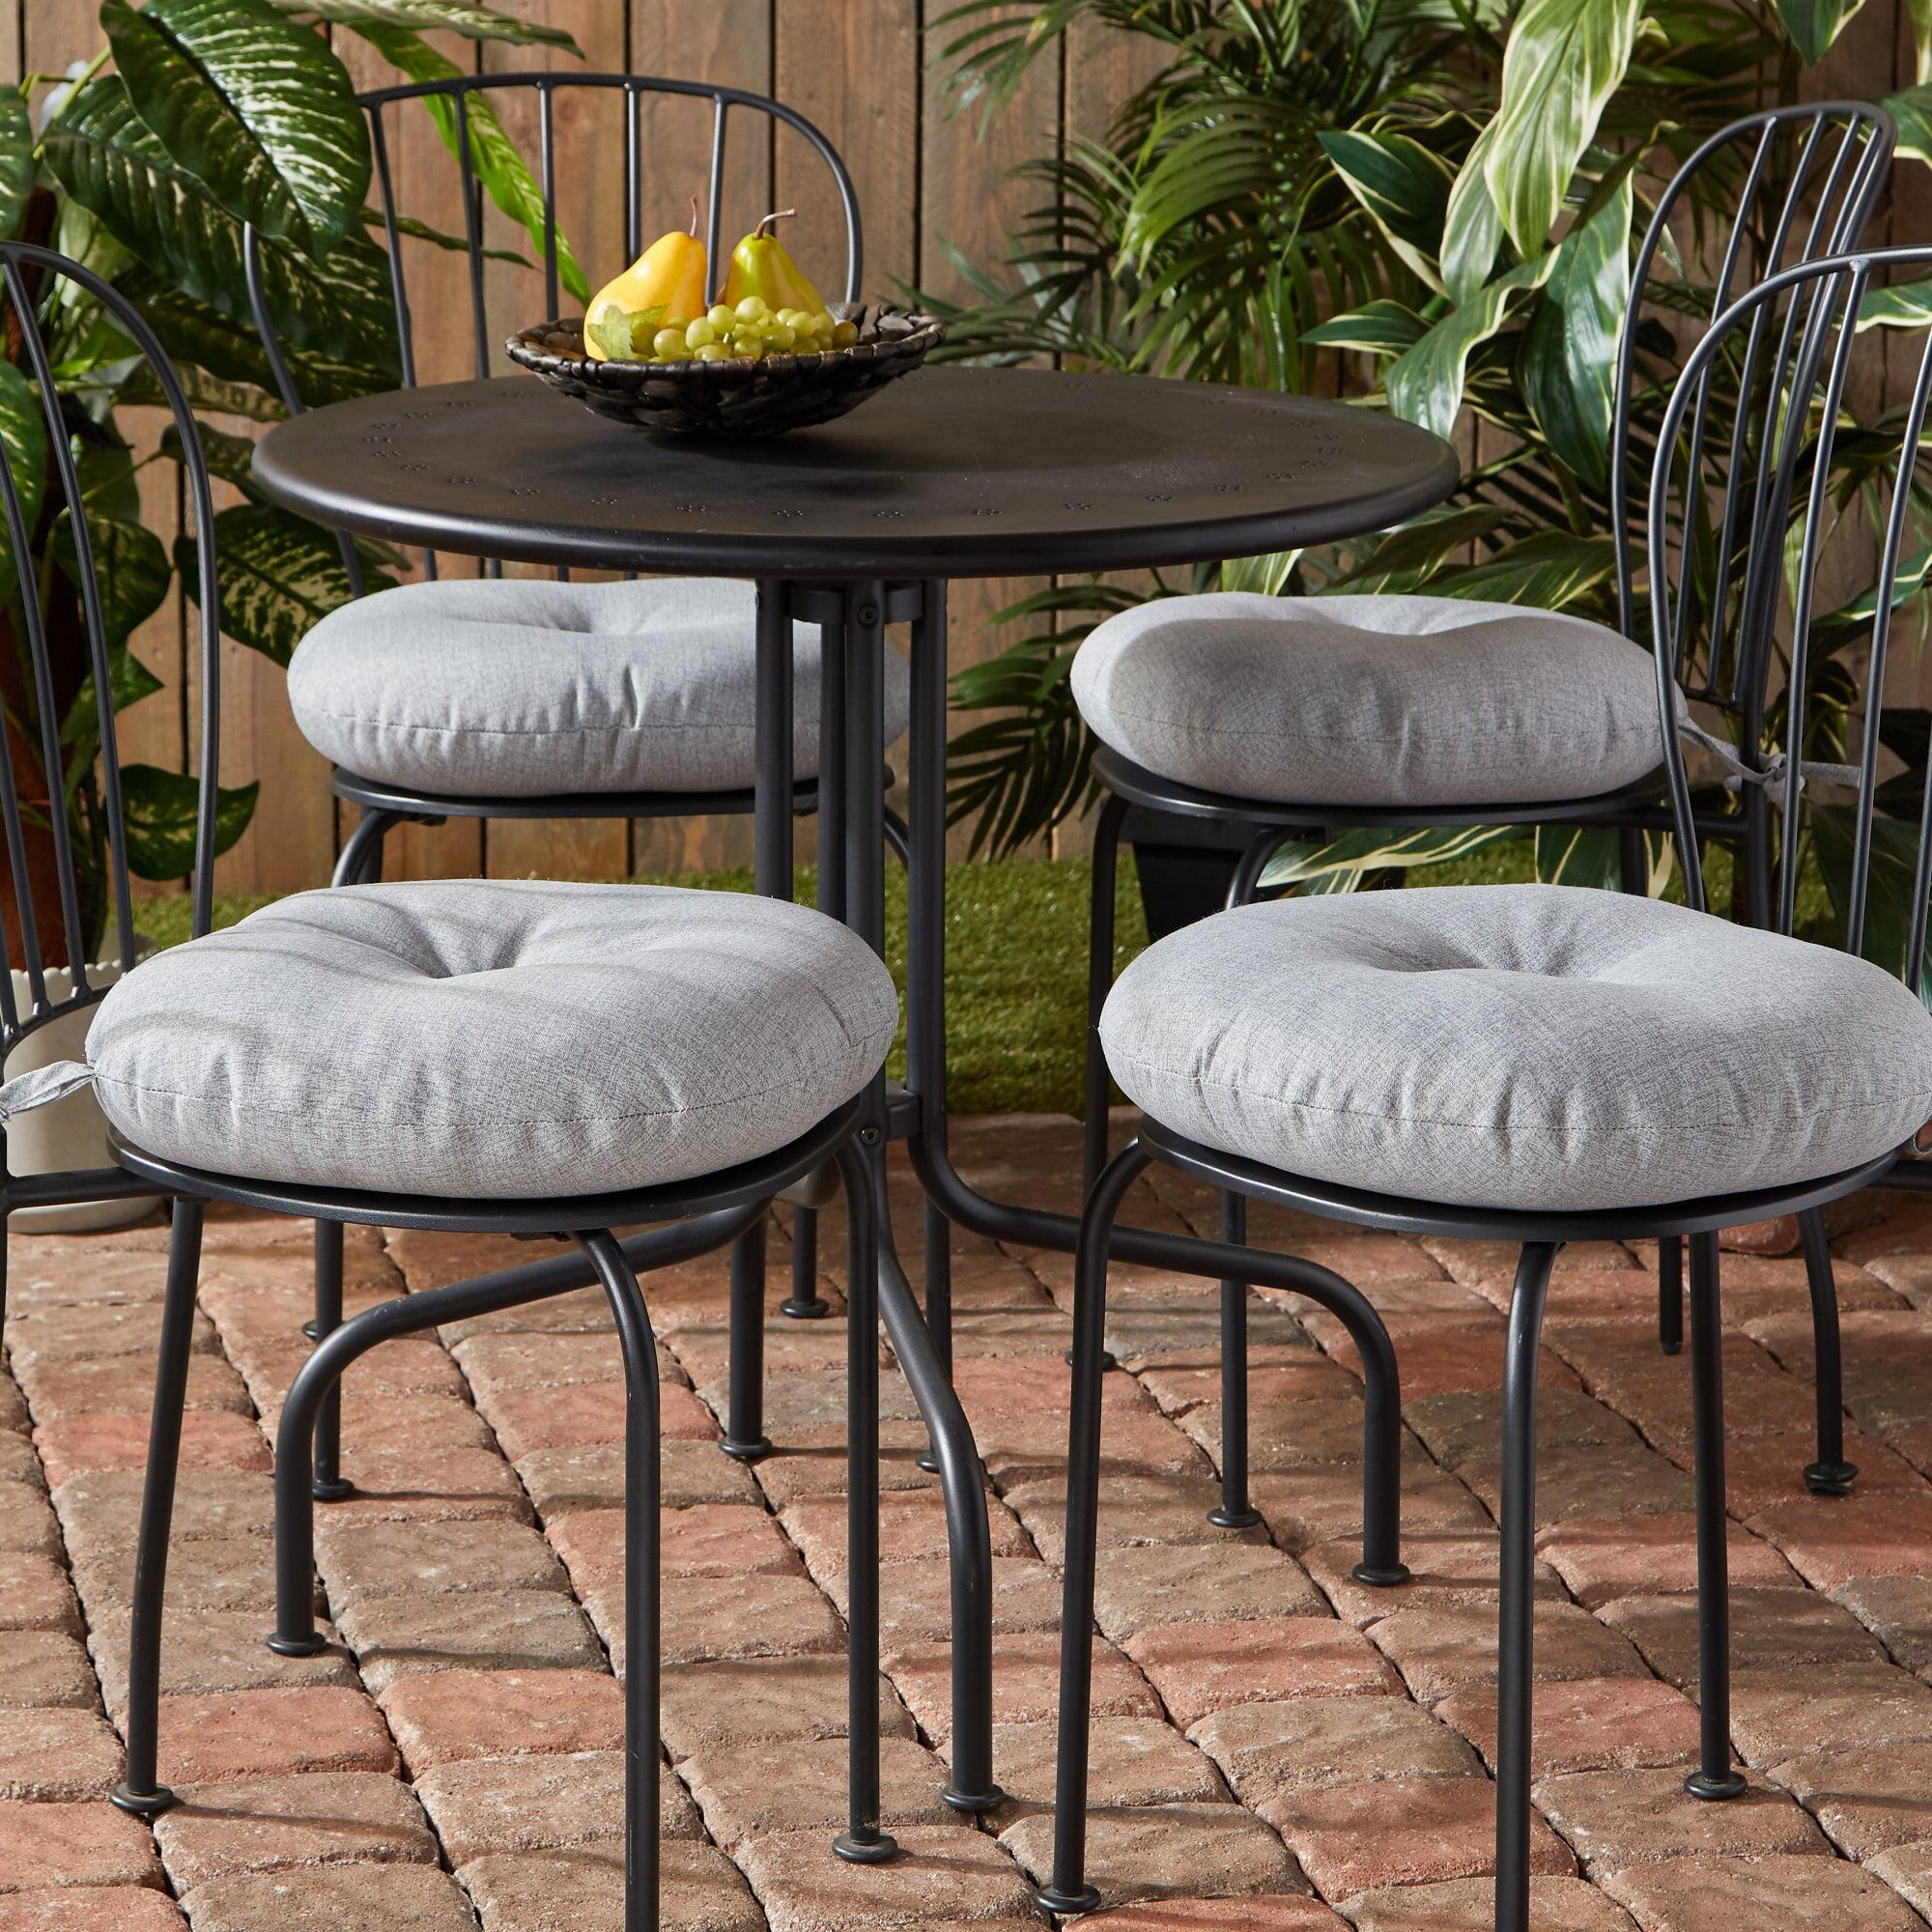 Heather Gray 15 Inch Outdoor Round Bistro Chair Cushion 4 Pack Walmart Com Walmart Com